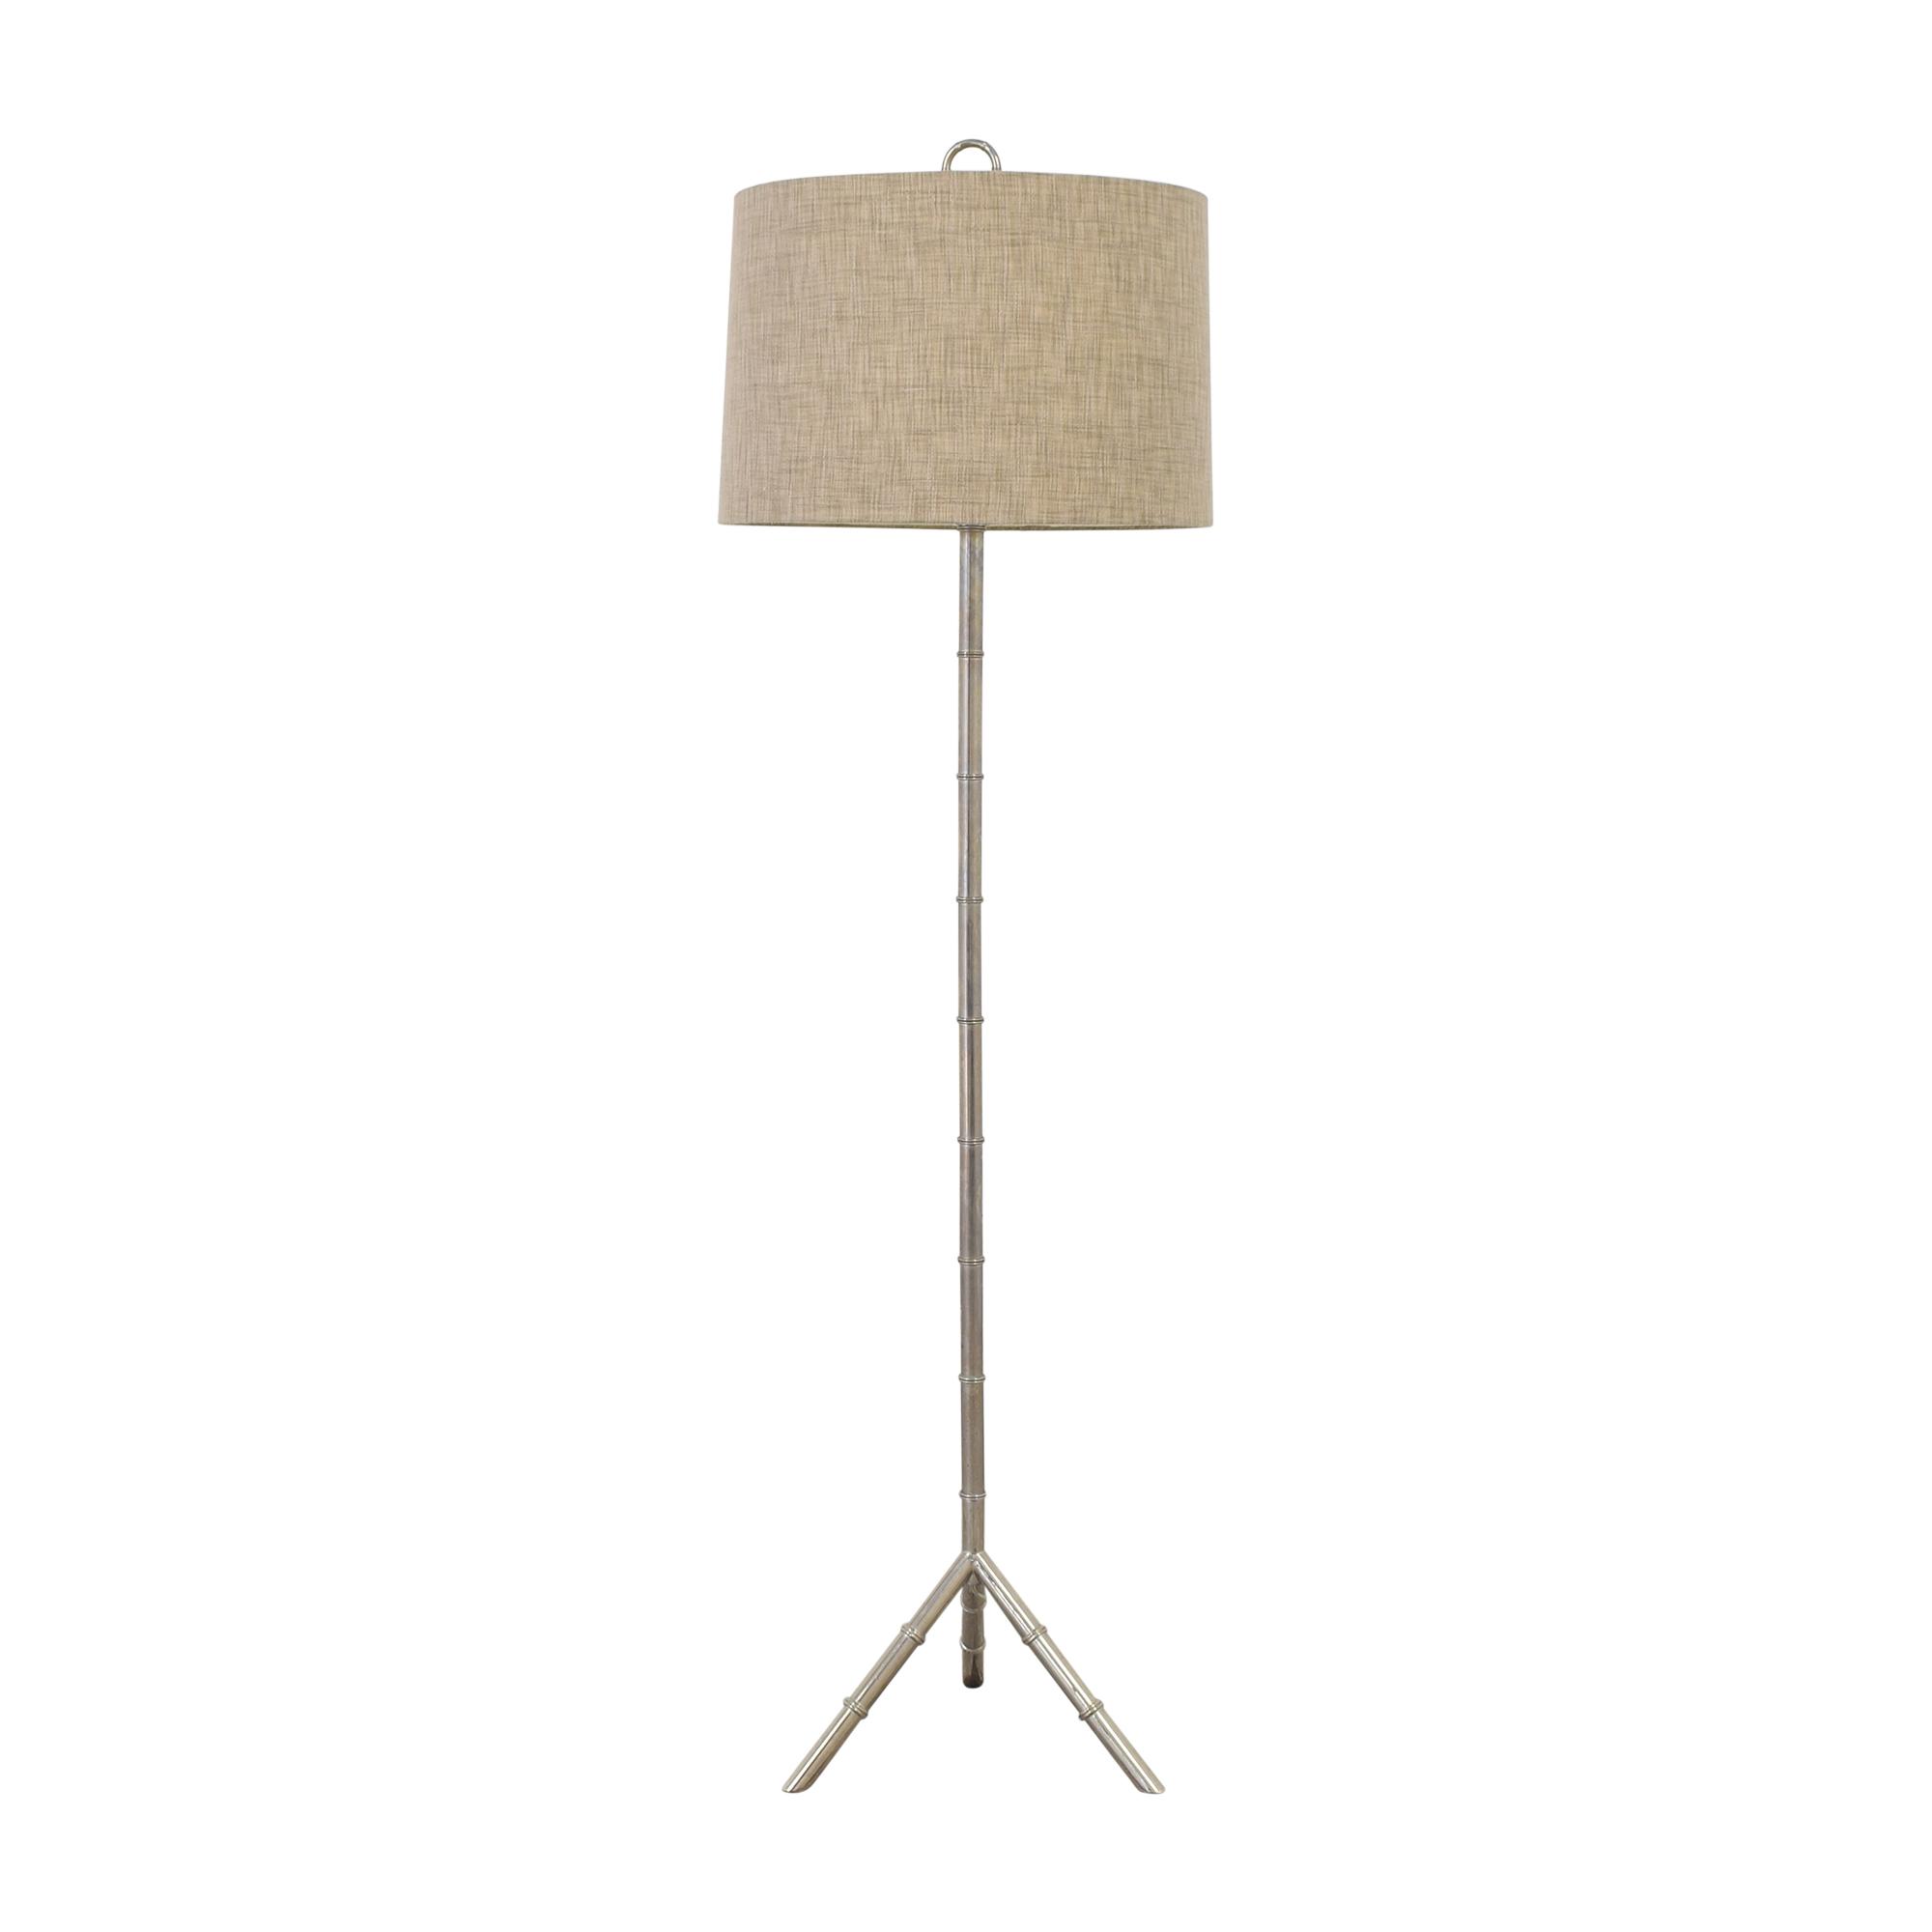 Jonathan Adler Jonathan Adler Meurice Floor Lamp ct